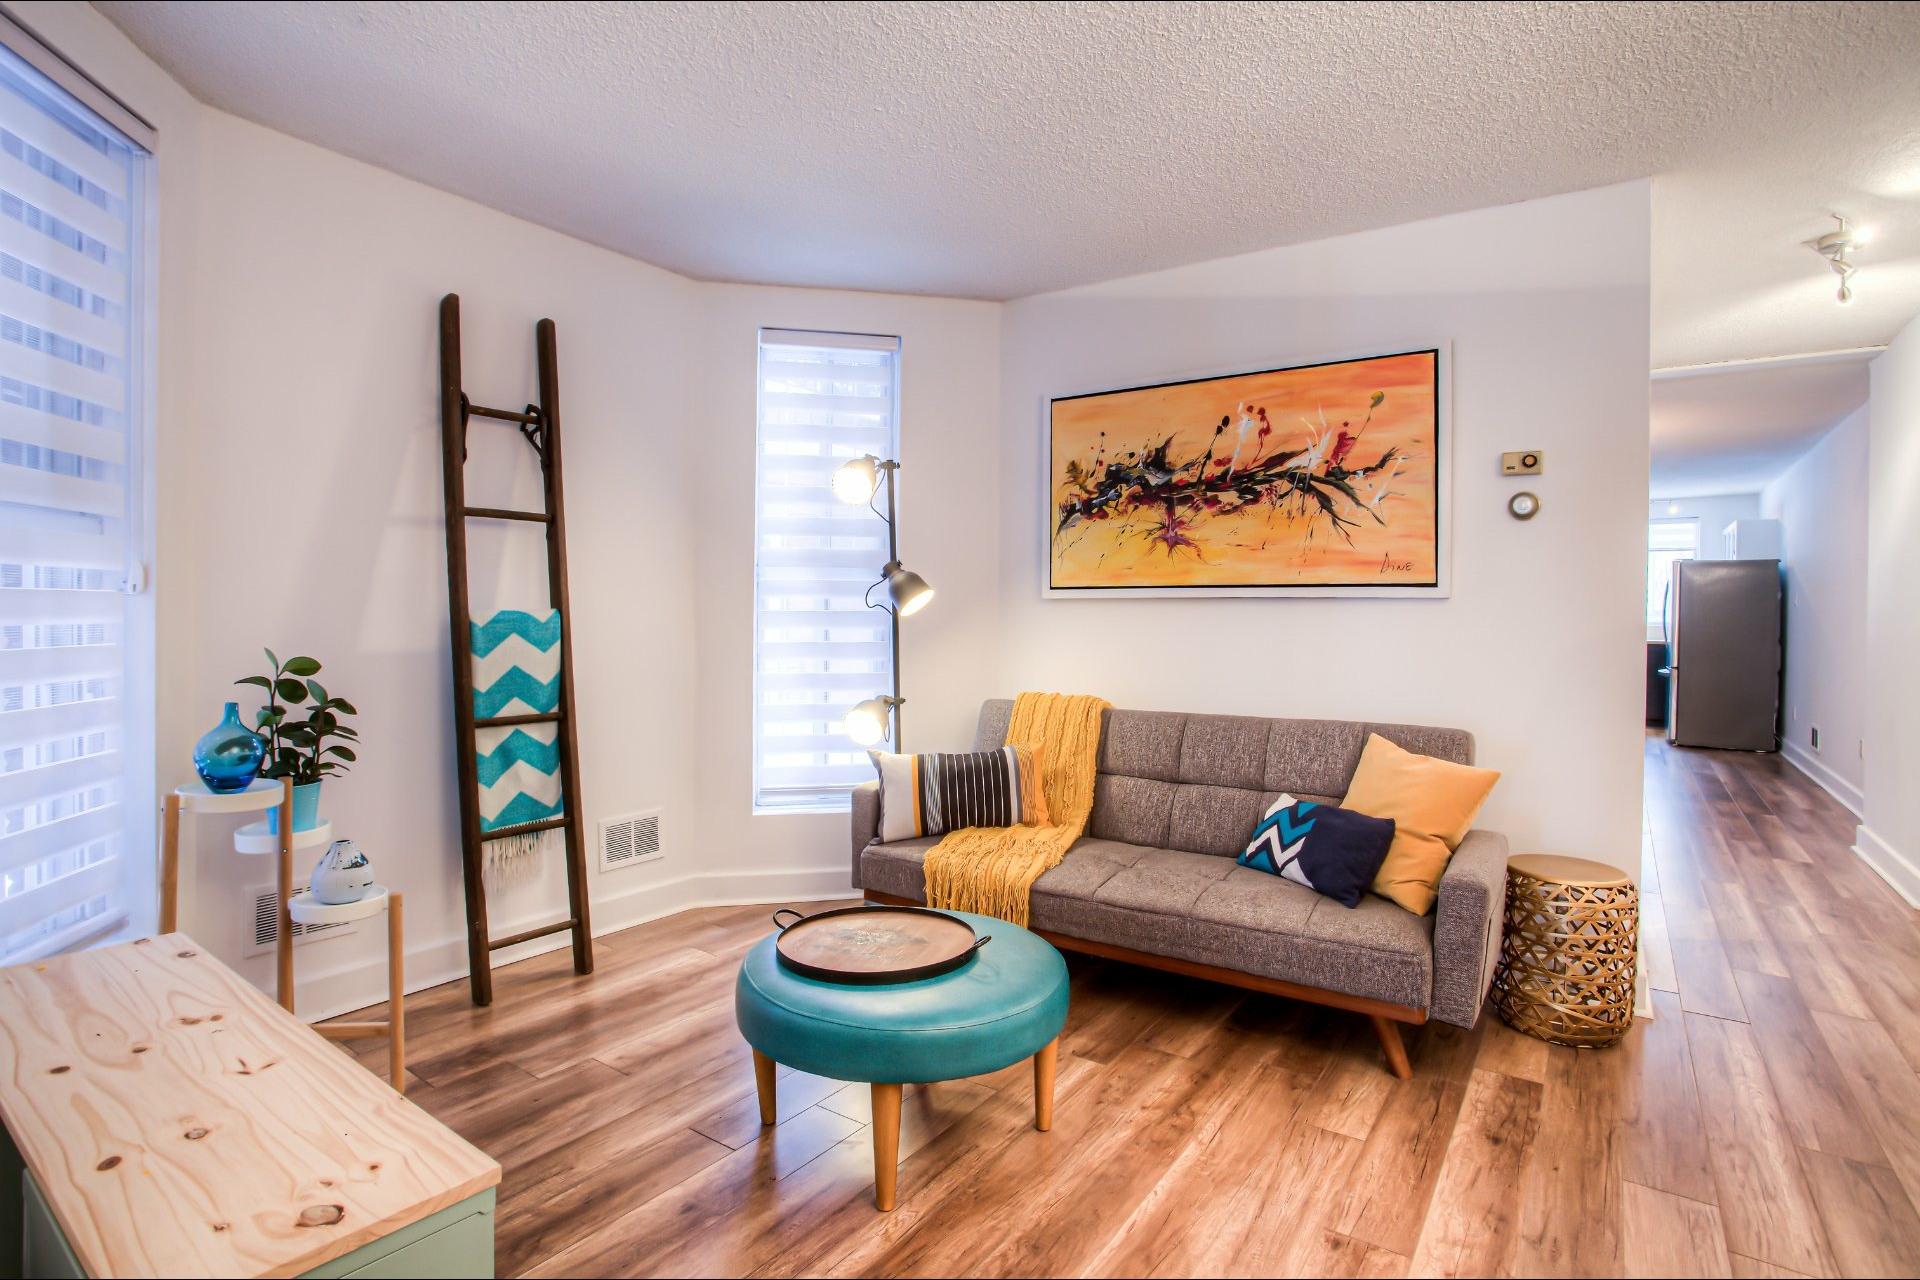 image 11 - Appartement À vendre Le Plateau-Mont-Royal Montréal  - 7 pièces